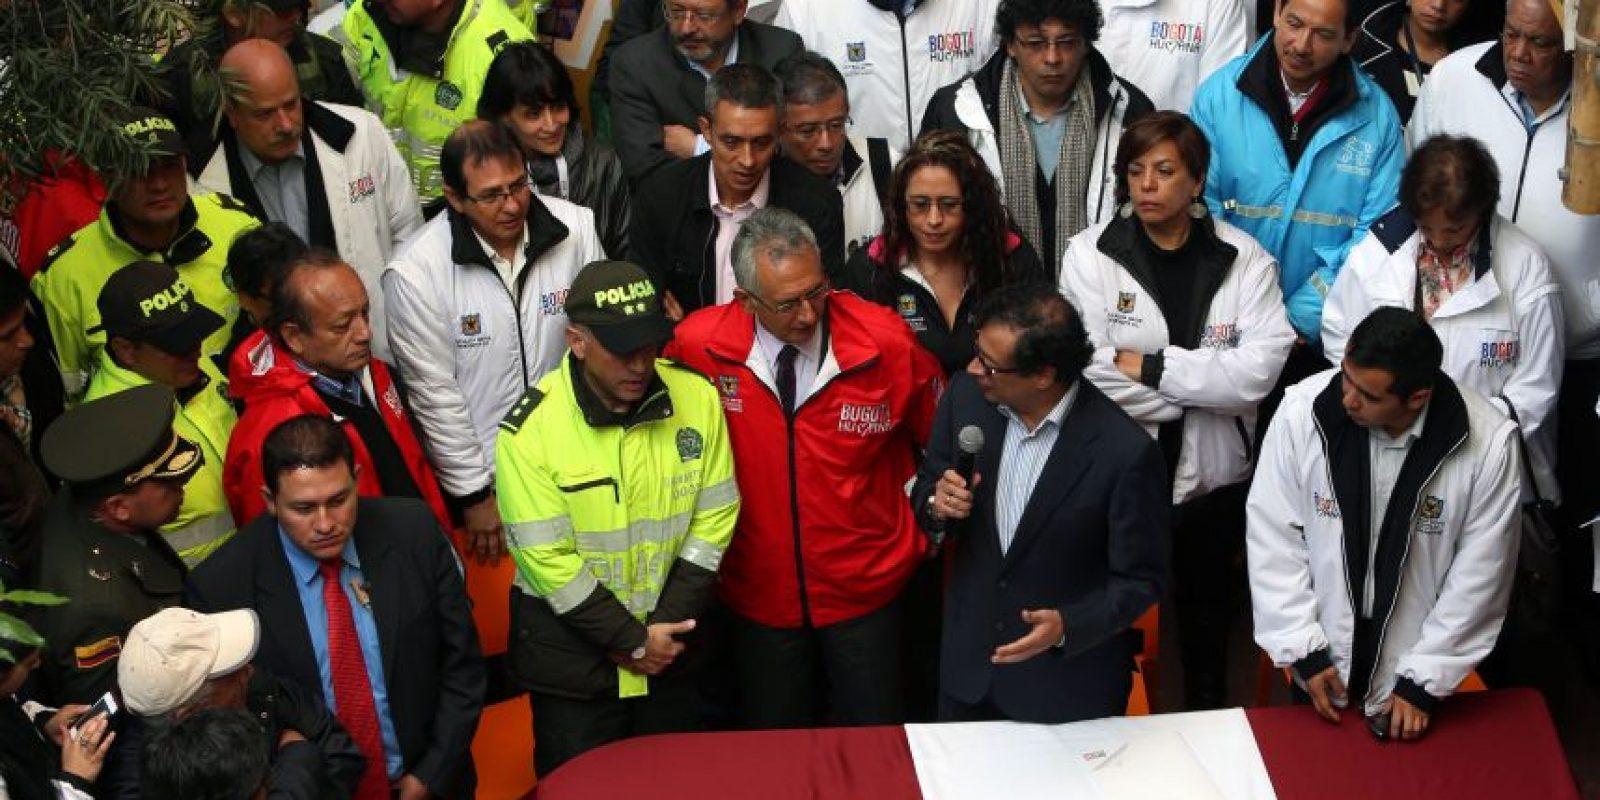 Todo el gabinete de Gobierno Distrital despachará desde el colegio Gimnasio Real de Colombia, en Ciudad Bolívar, durante una semana. Foto: Ignacio Prieto /Alcaldía Mayor